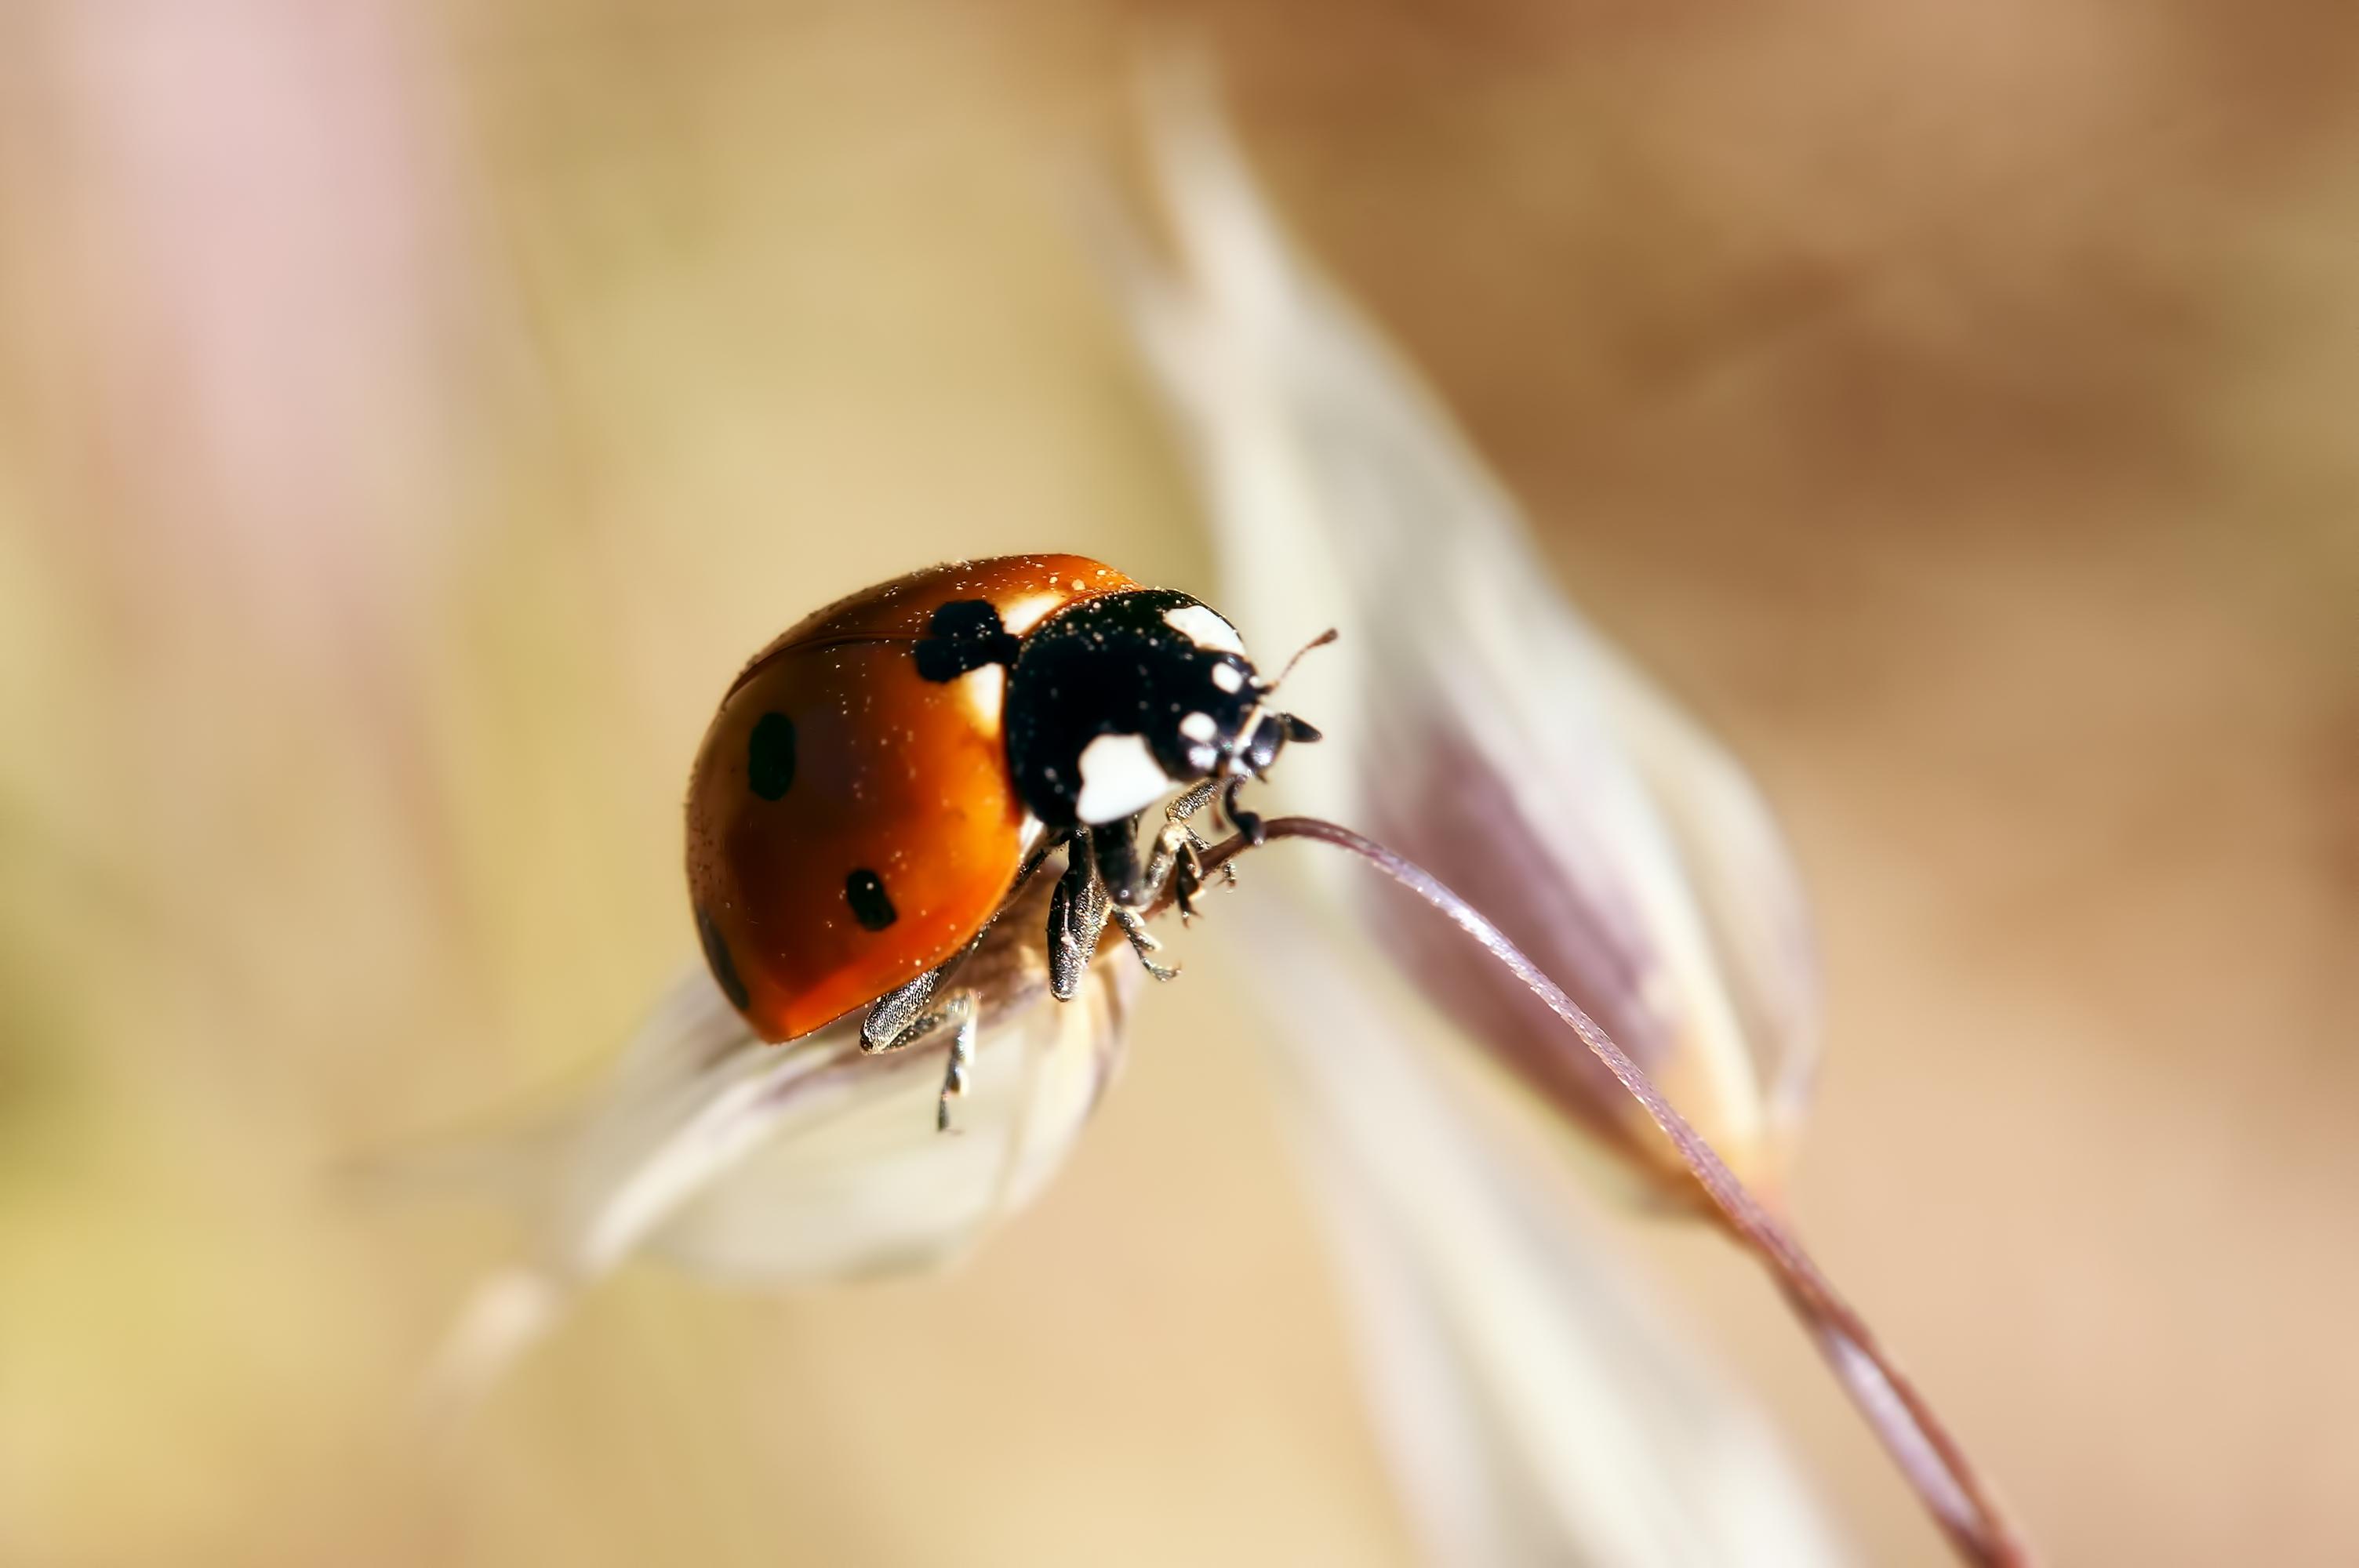 природа насекомое божья коровка цветок  № 3008131 загрузить